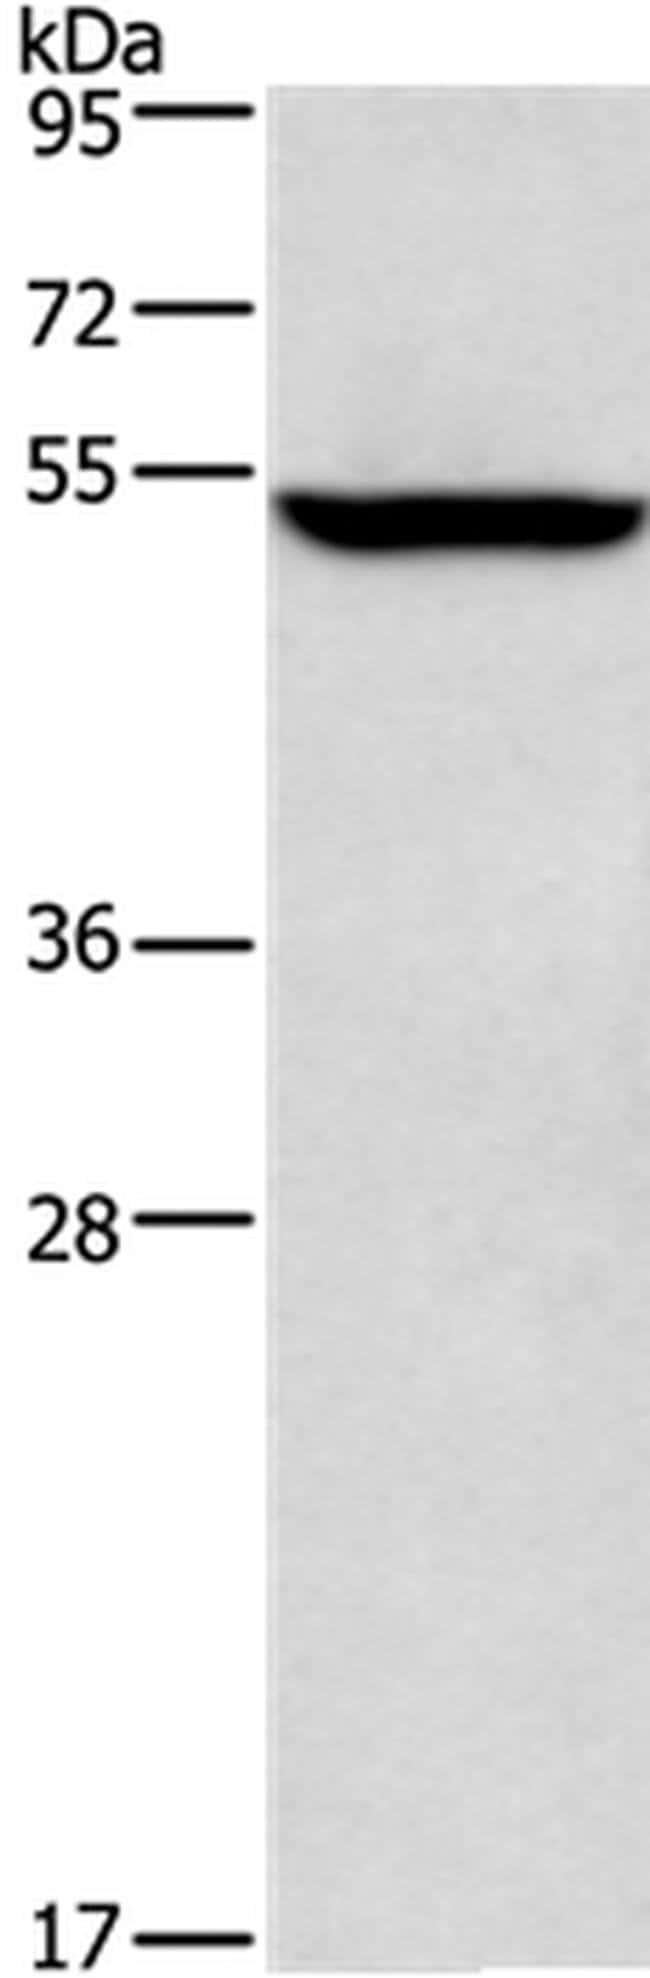 ALG12 Rabbit anti-Human, Polyclonal, Invitrogen 100 µL; Unconjugated